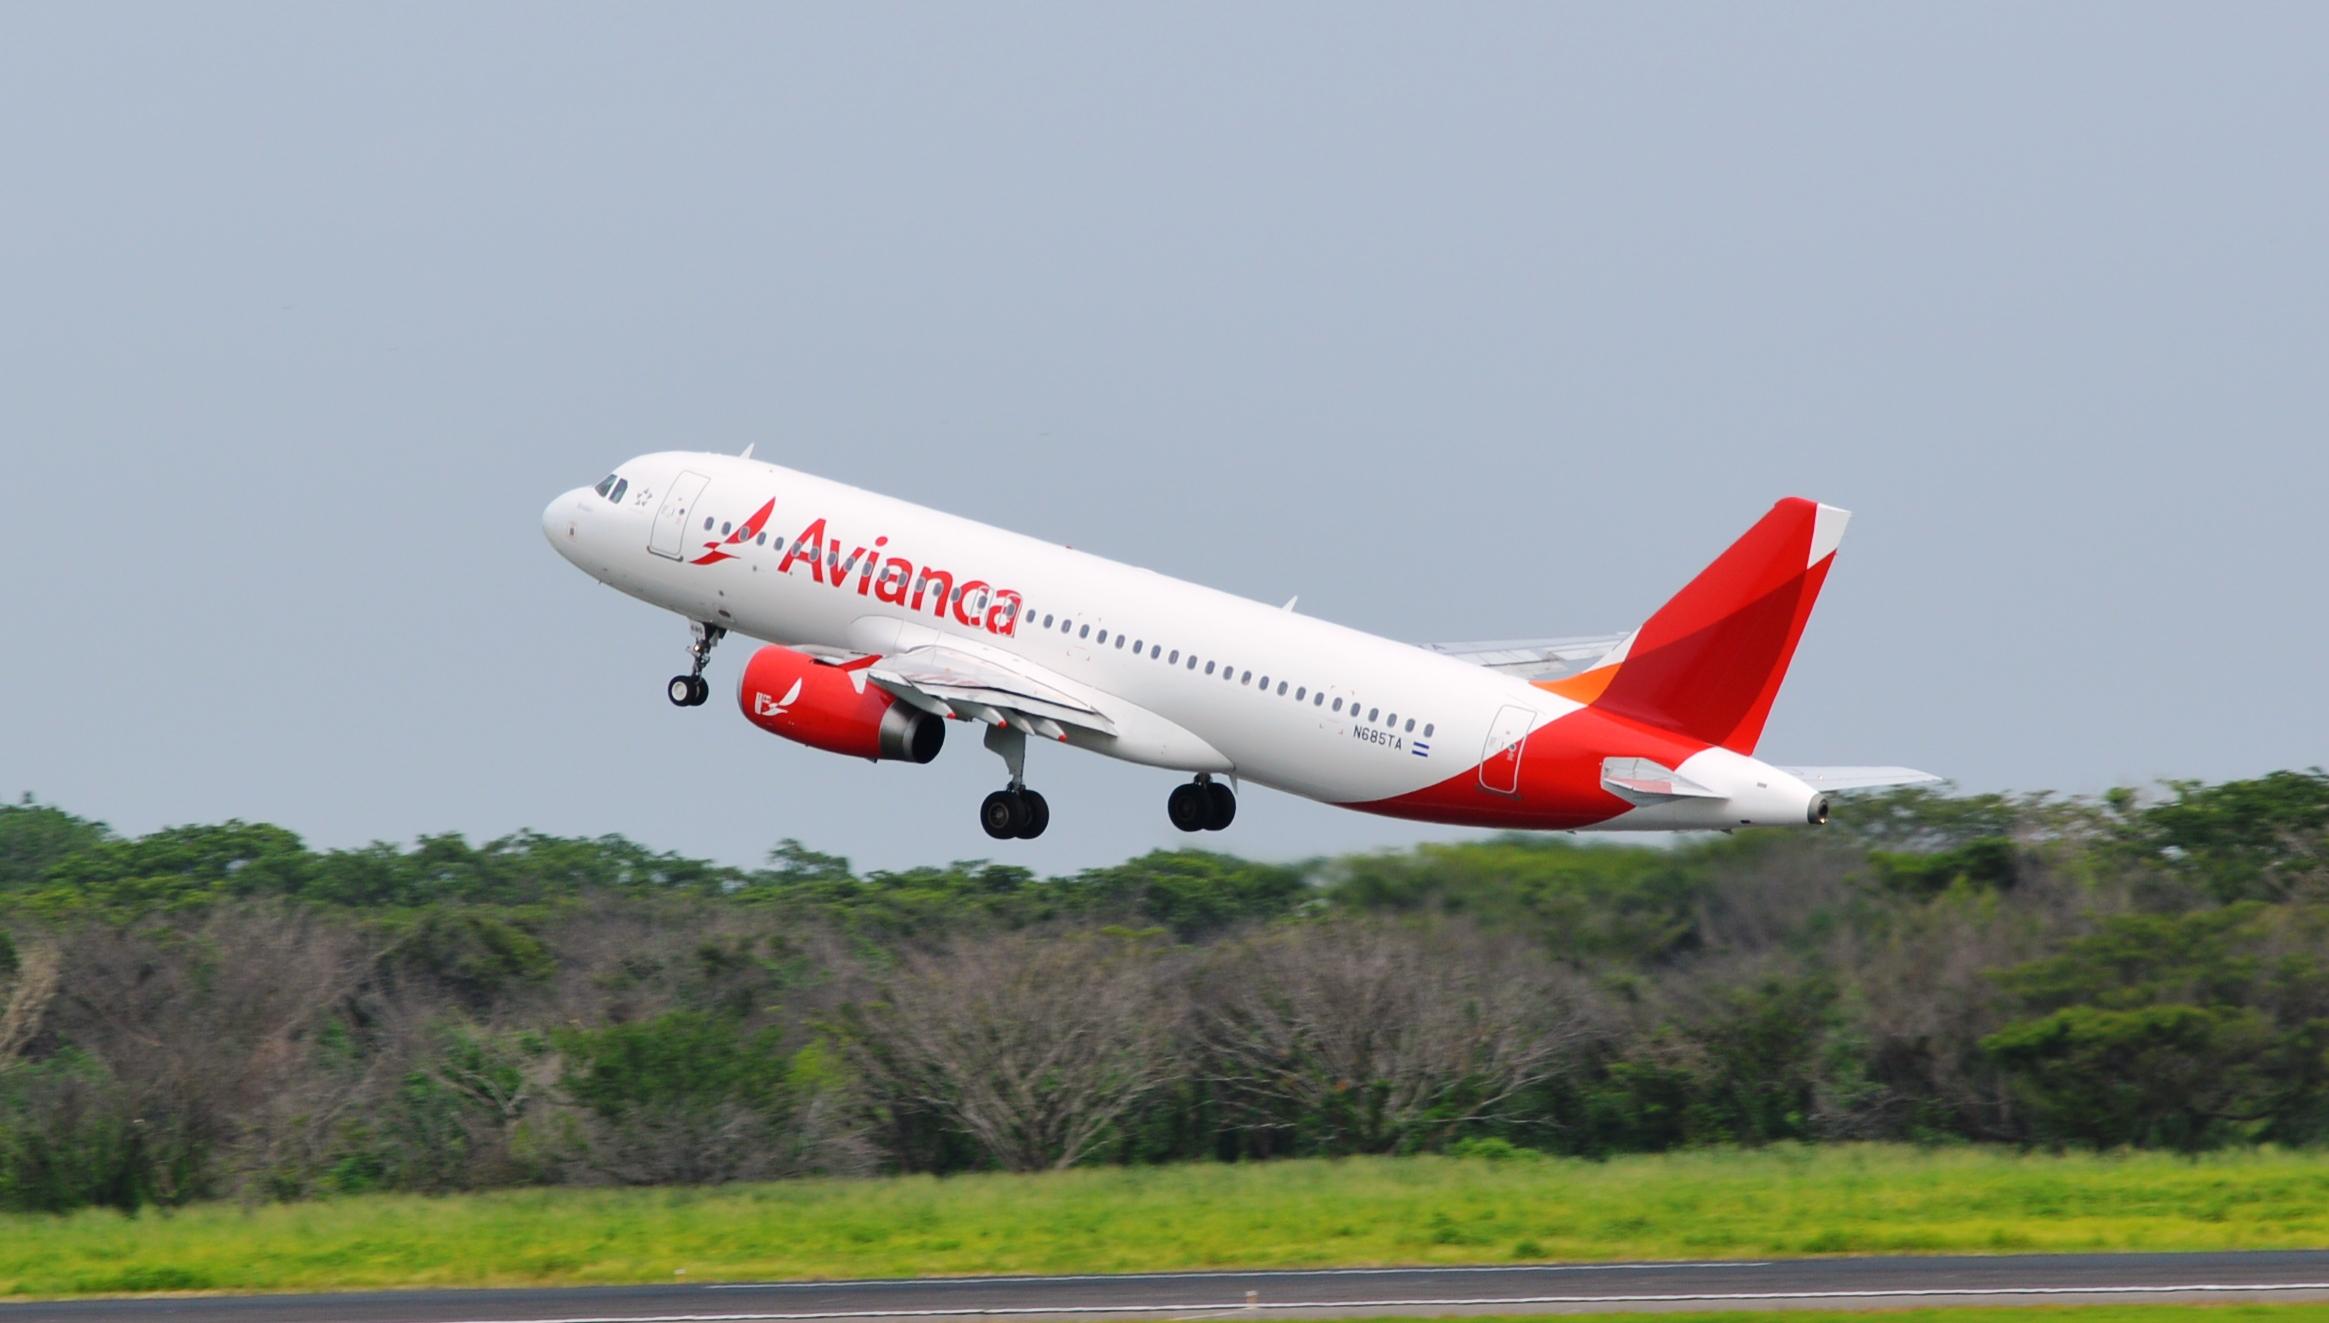 La firma de Servicios Aeroportuarios Integrados (SAI) cuenta con más de 30 años de experiencia.